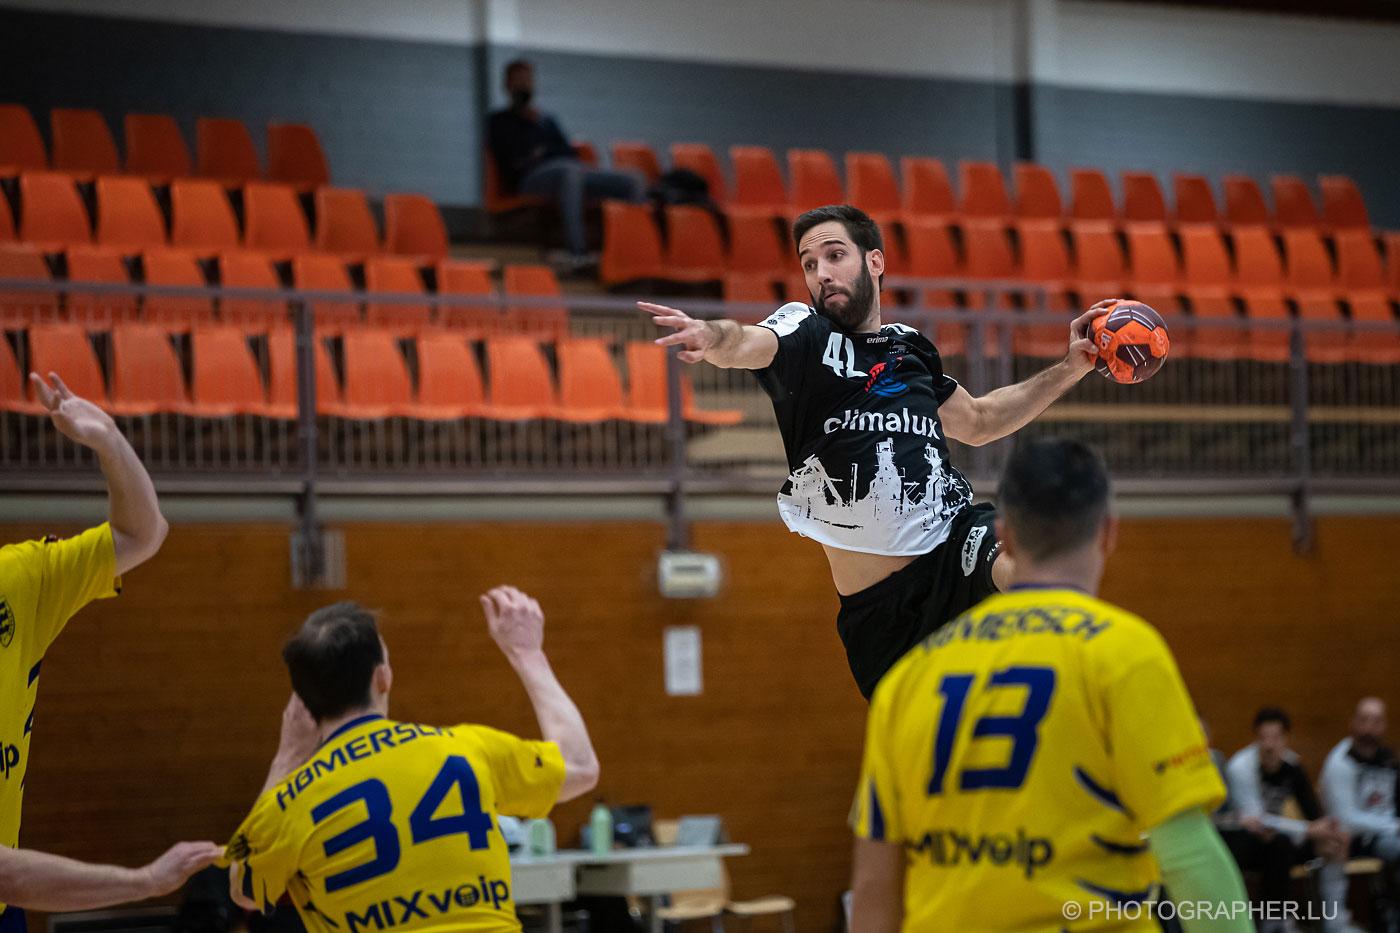 HB-Mersch-Handball-Esch